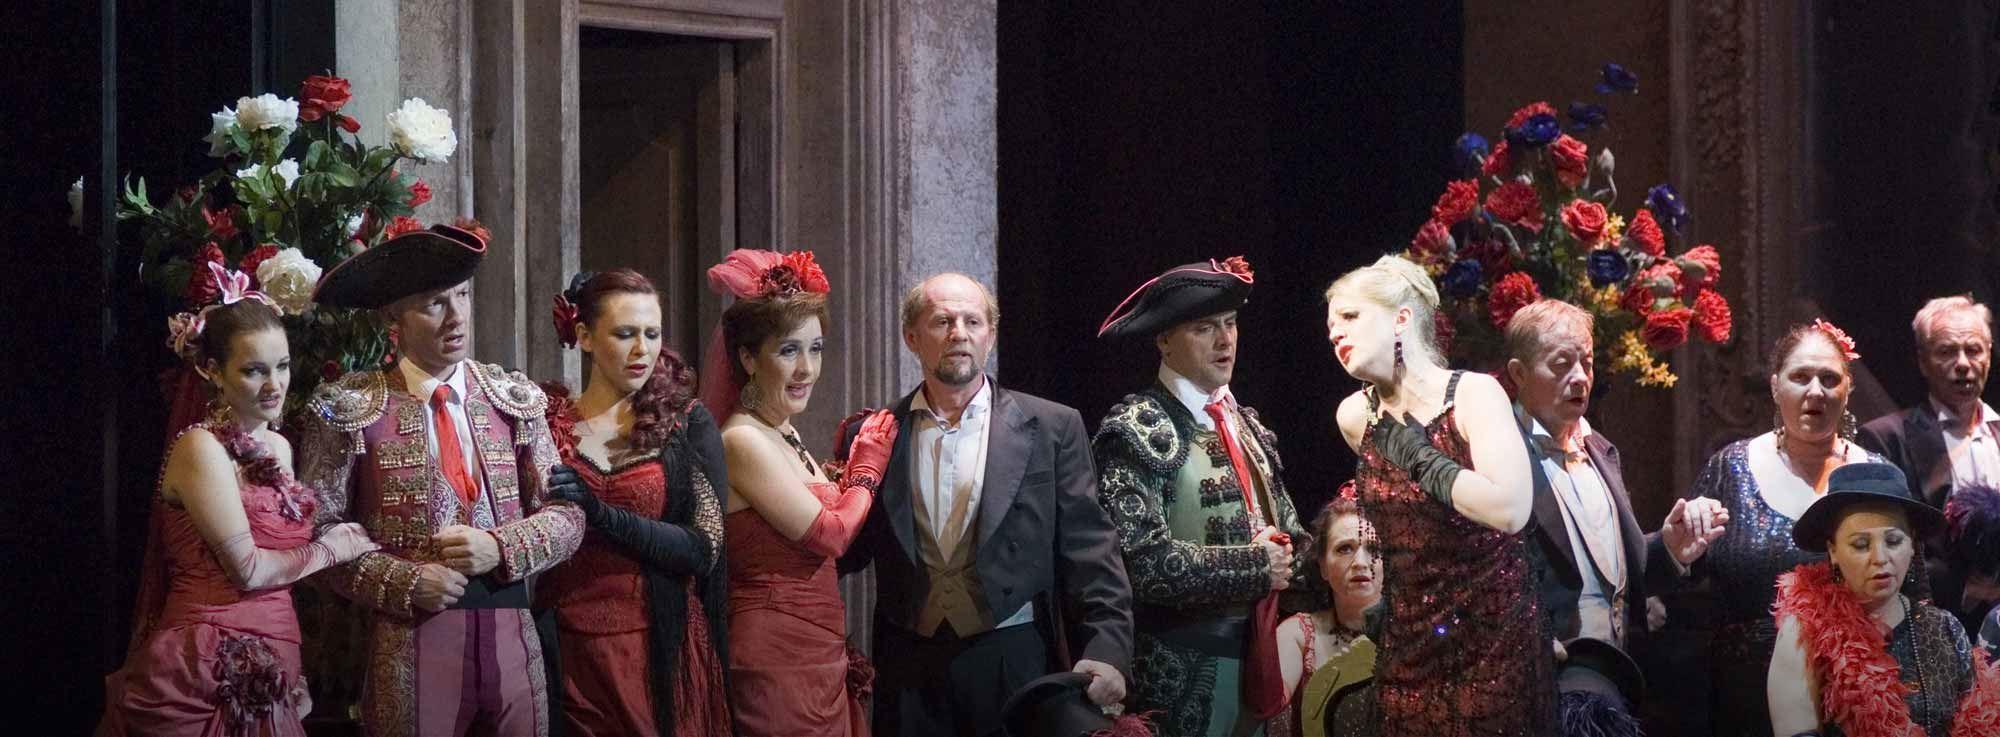 Brindisi: La Traviata